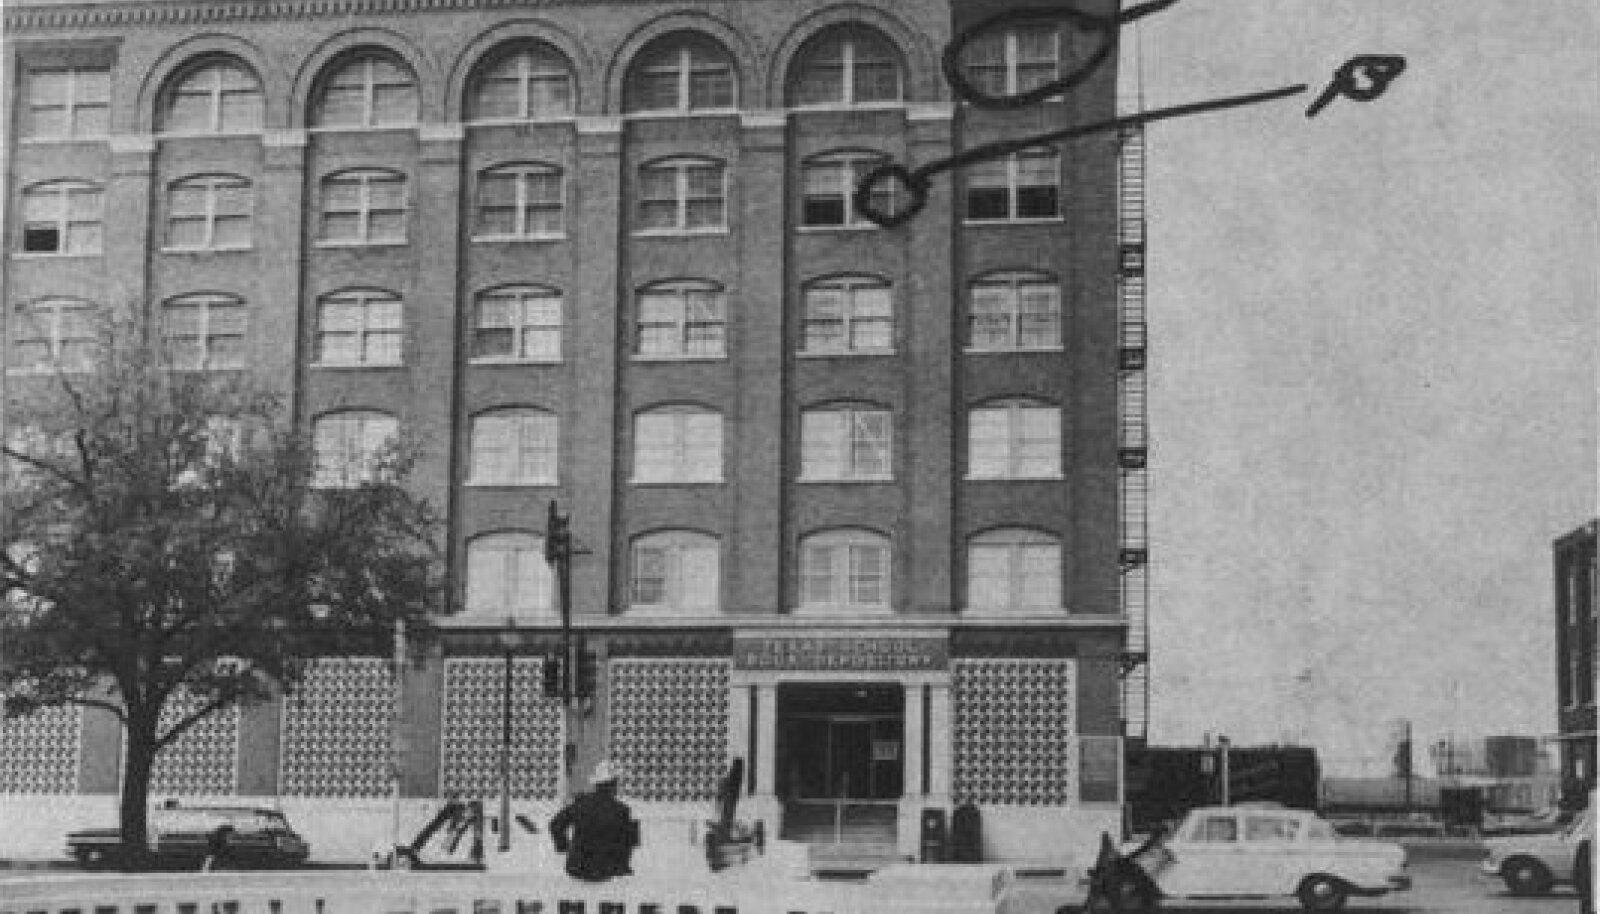 Tunnistaja Howard Brennan nägi inimesi Dallase raamatuhoidla viienda korruse aknal, aga siis nägi juba arvatavat tulistajat kuuenda korruse akna taga. Sealt leiti hiljem ka relv, mille Lee Harvey Oswald oli maha jätnud.